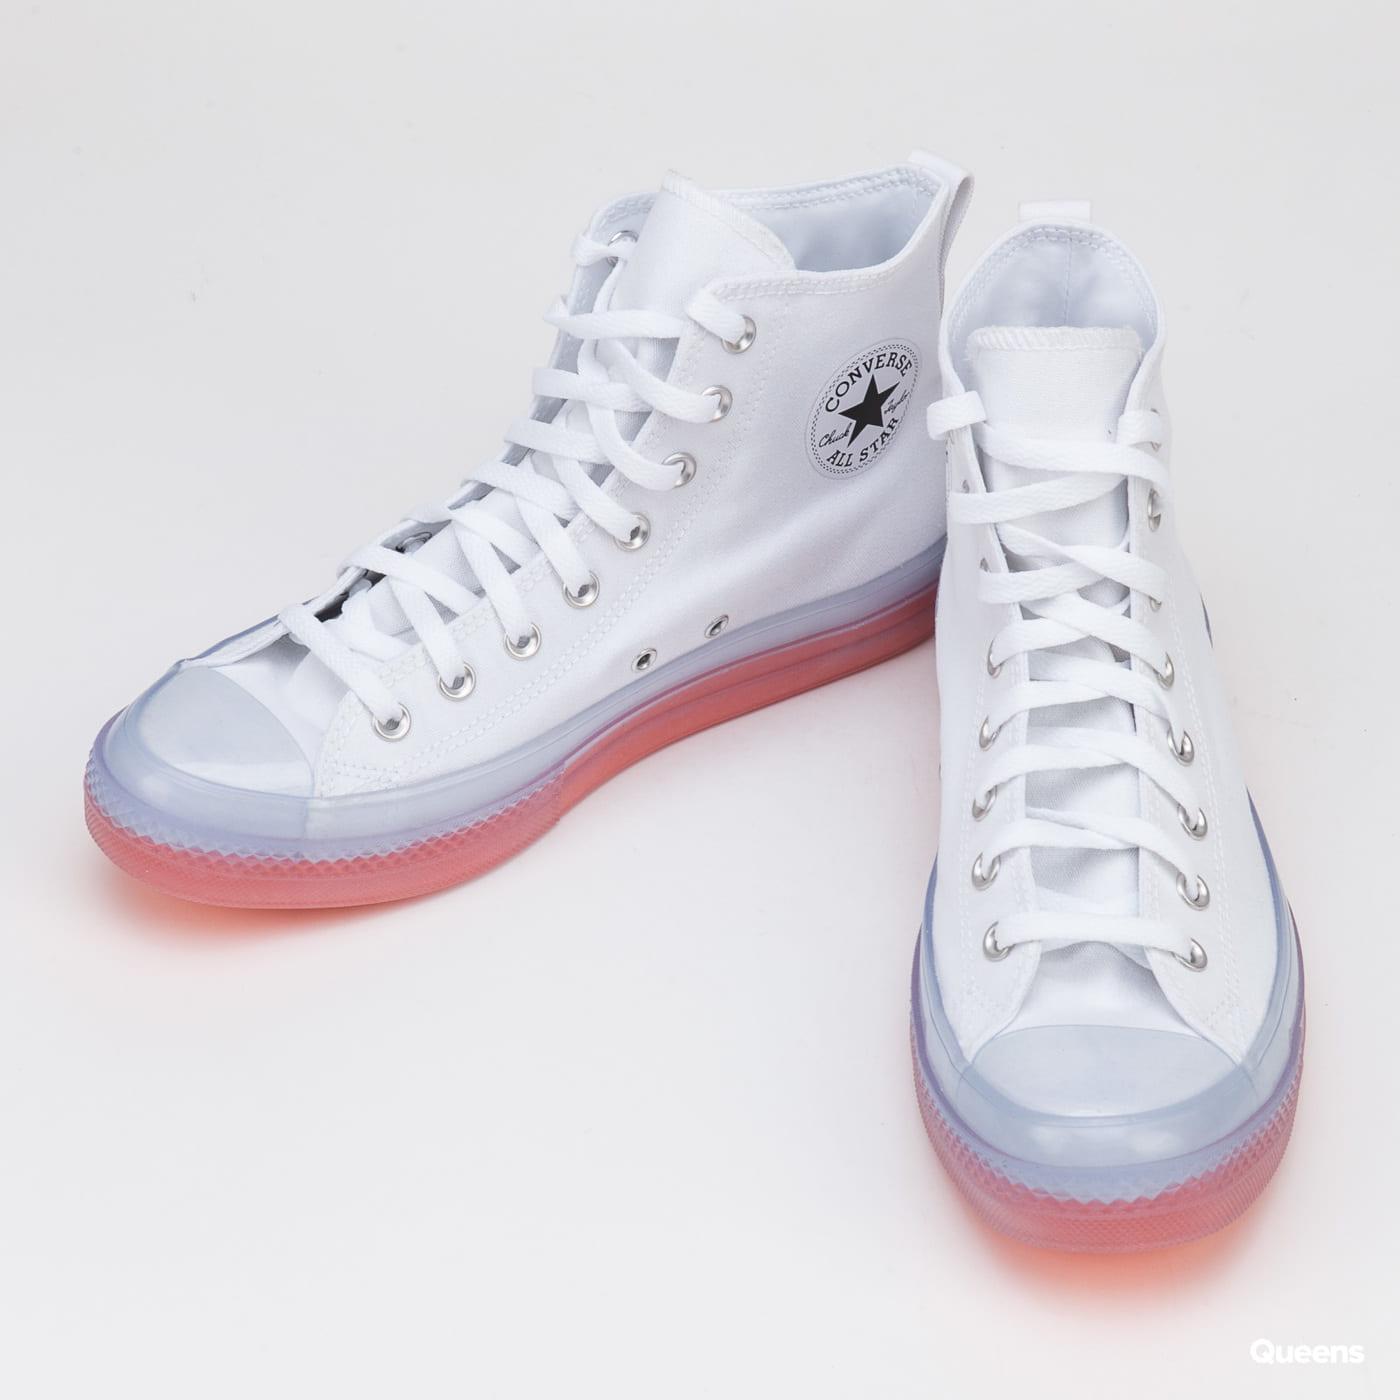 Converse Chuck Taylor All Star CX Hi white / clear / wild mango